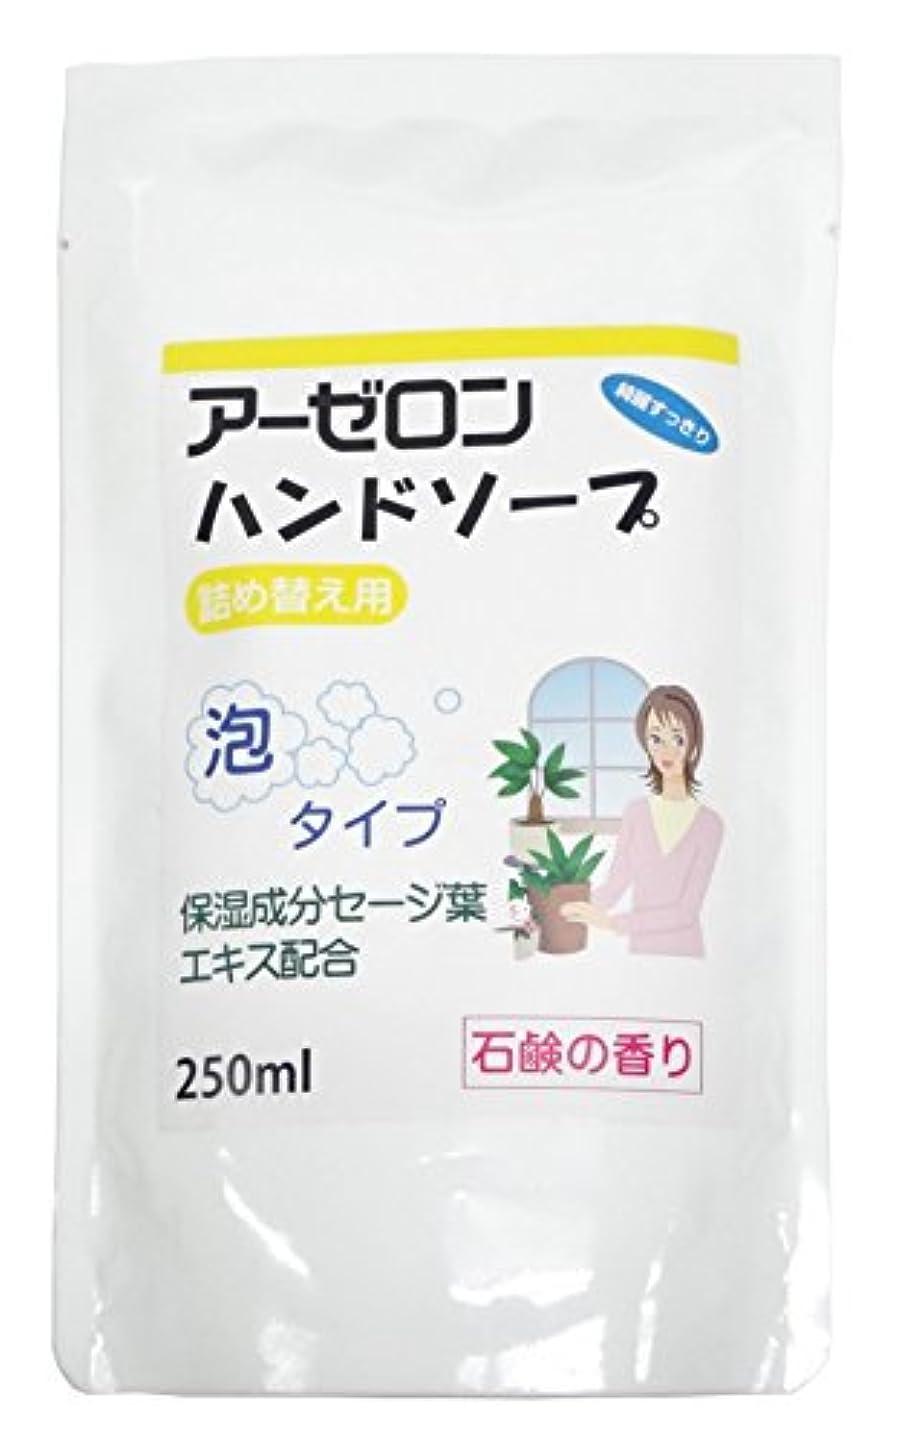 ネクタイ増加するブローホールアーゼロンハンドソープ 石鹸の香り(詰め替え用) 250ml